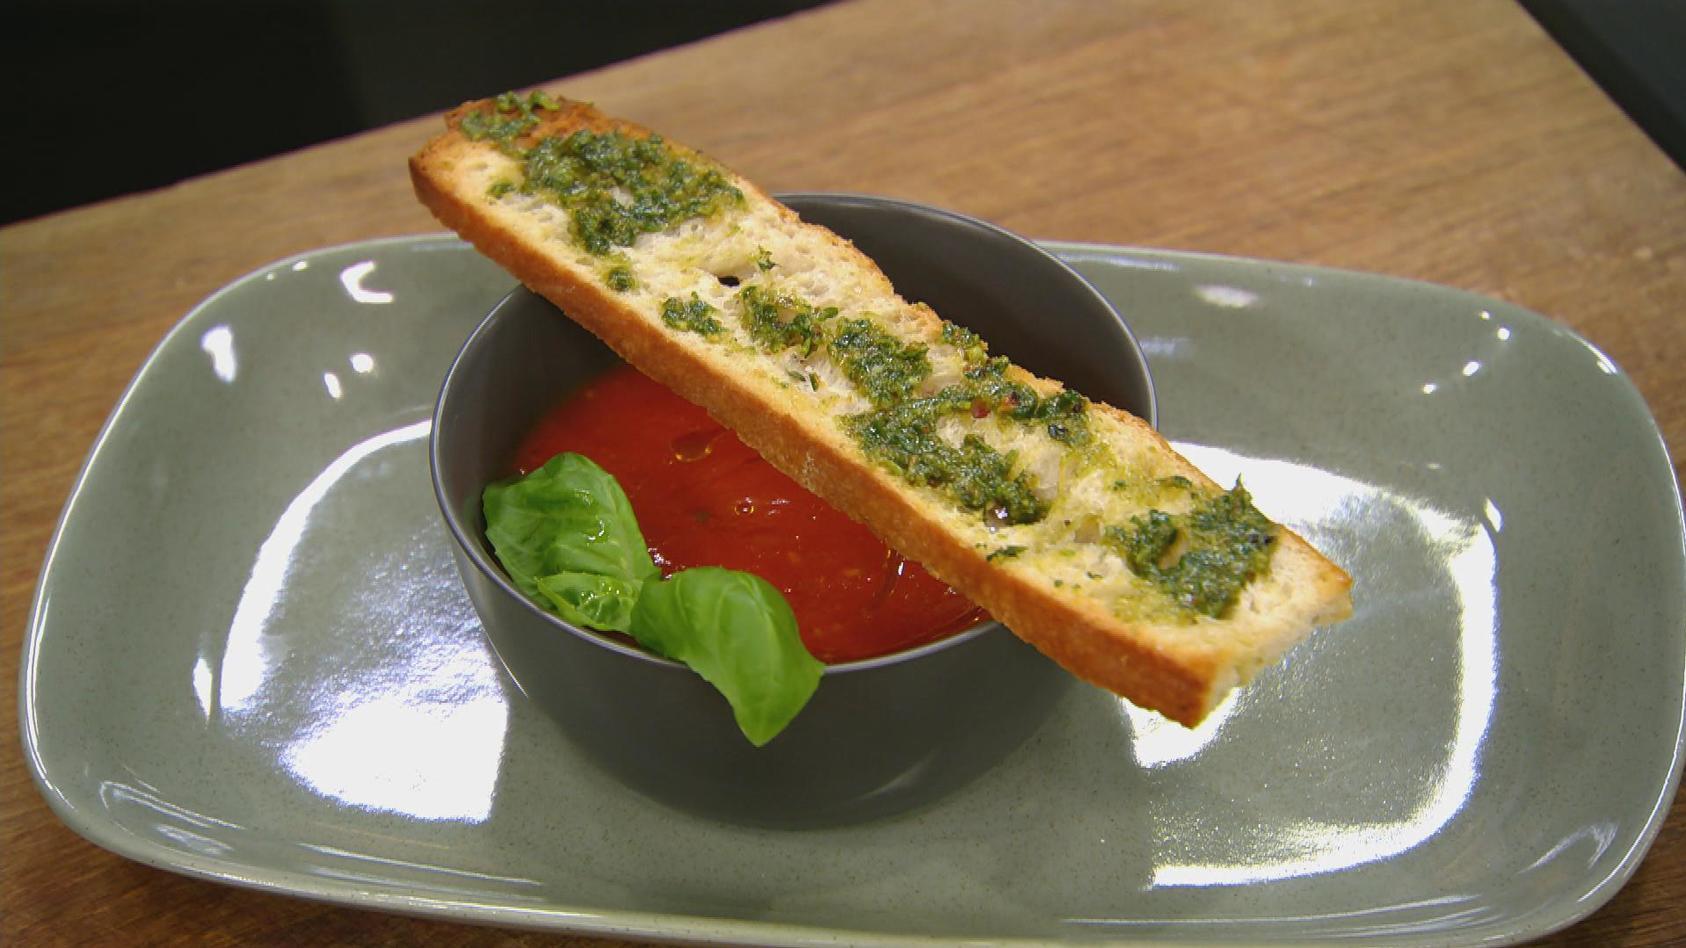 Sauer macht hungrig – Rund um die Zitrusfrucht: Tomaten-Orangen-Suppe mit Basilikum-Pesto